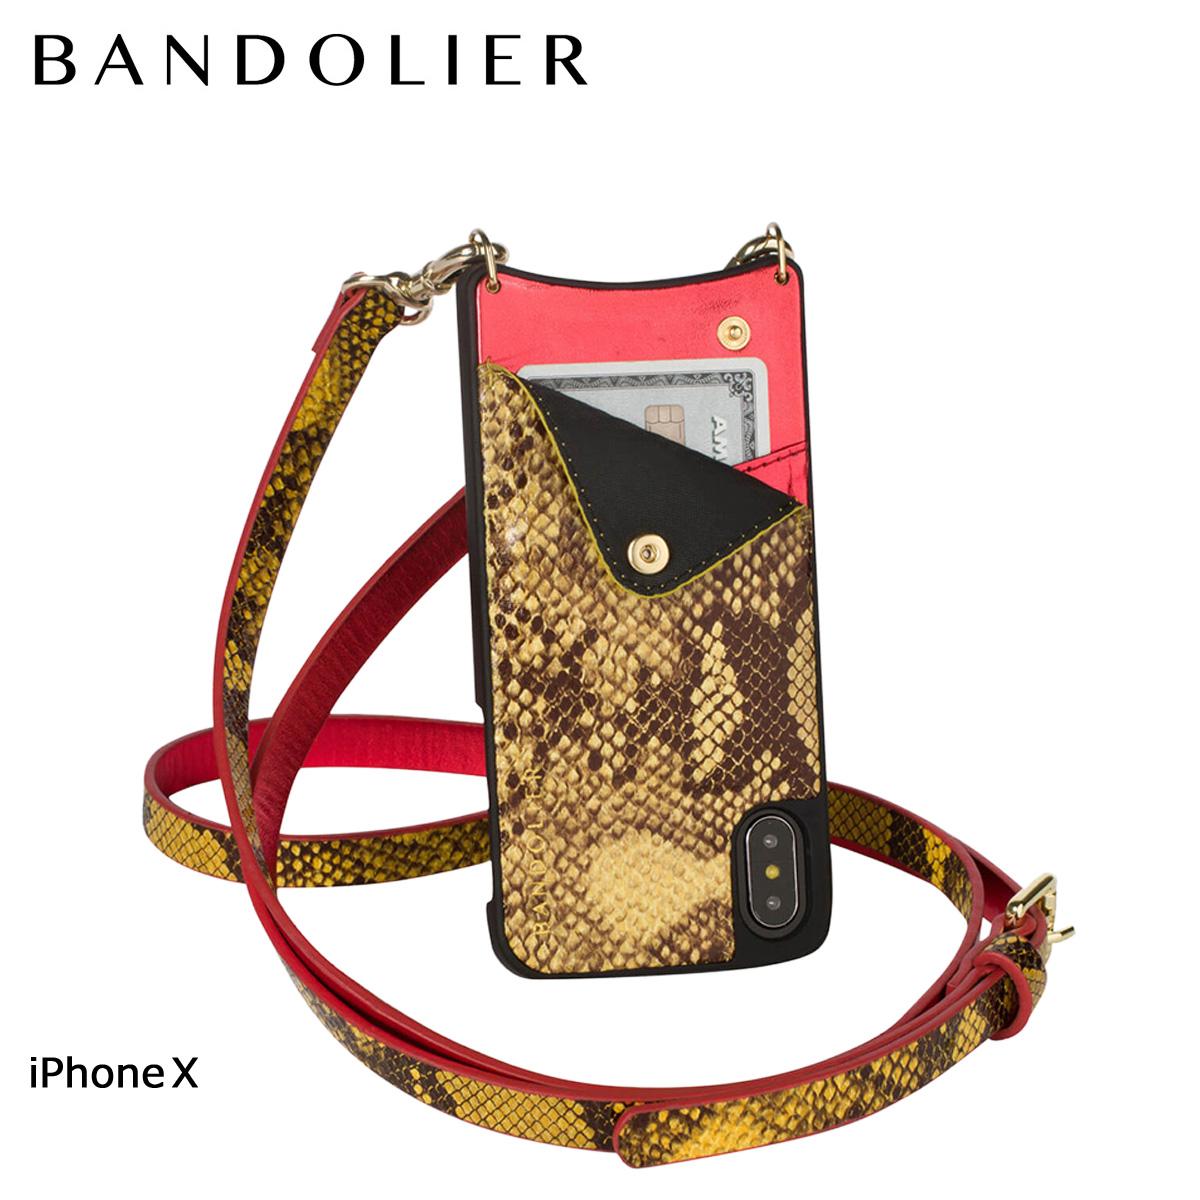 バンドリヤー BANDOLIER iPhoneX ケース スマホ アイフォン EMMA YELLOW SNAKE レザー メンズ レディース [6/1 新入荷] 【決算セール 返品不可】